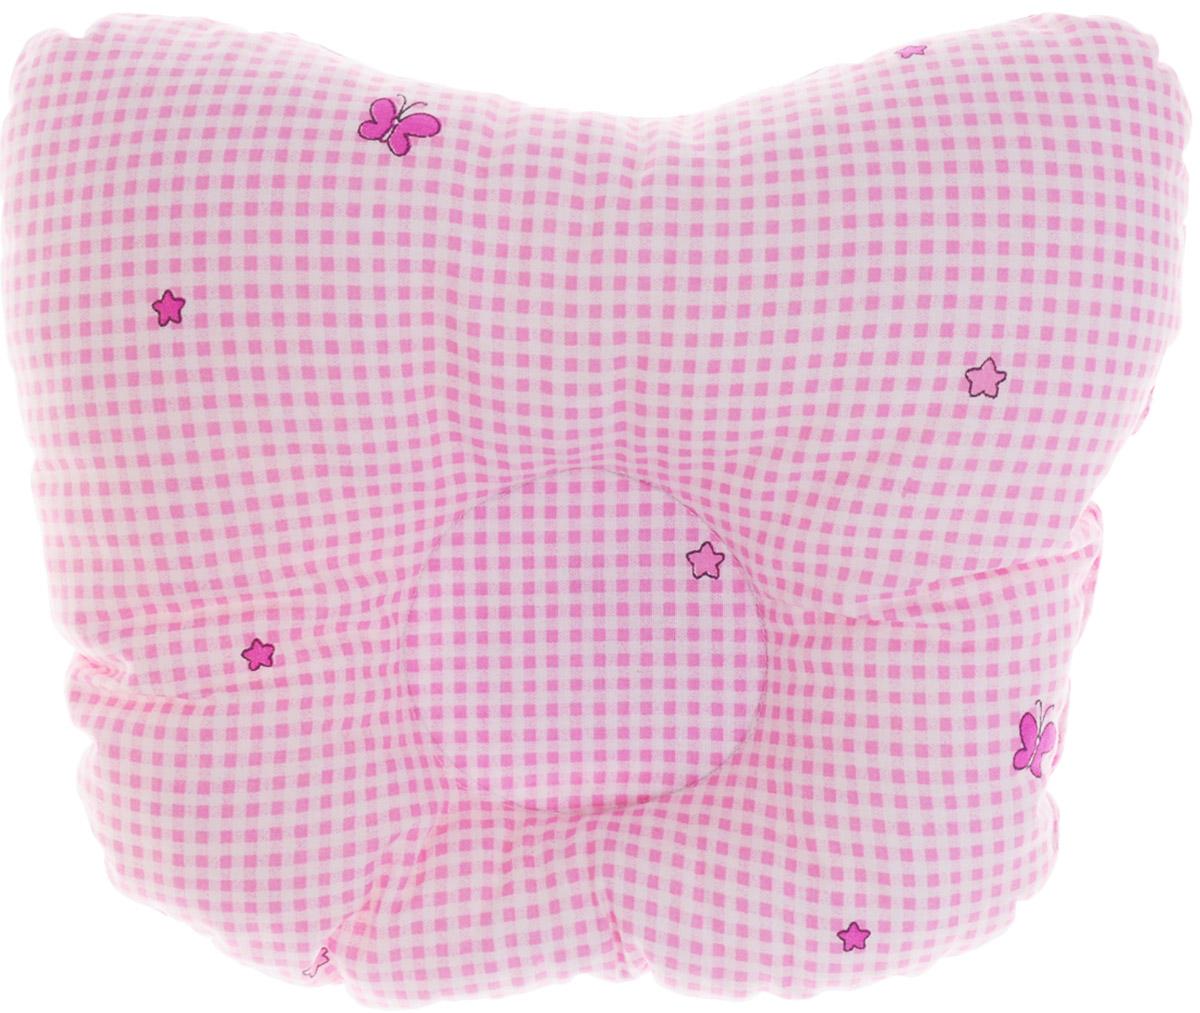 Сонный гномик Подушка анатомическая для младенцев Бабочки цвет розовый 27 х 27 смС75х140 пено бел-чернАнатомическая подушка для младенцев Сонный гномик Бабочки изготовлена из бязи - 100% хлопка. Наполнитель - синтепон в гранулах (100% полиэстер).Подушка компактна и удобна для пеленания малыша и кормления на руках, она также незаменима для сна ребенка в кроватке и комфортна для использования в коляске на прогулке. Углубление в подушке фиксирует правильное положение головы ребенка.Подушка помогает правильному формированию шейного отдела позвоночника.